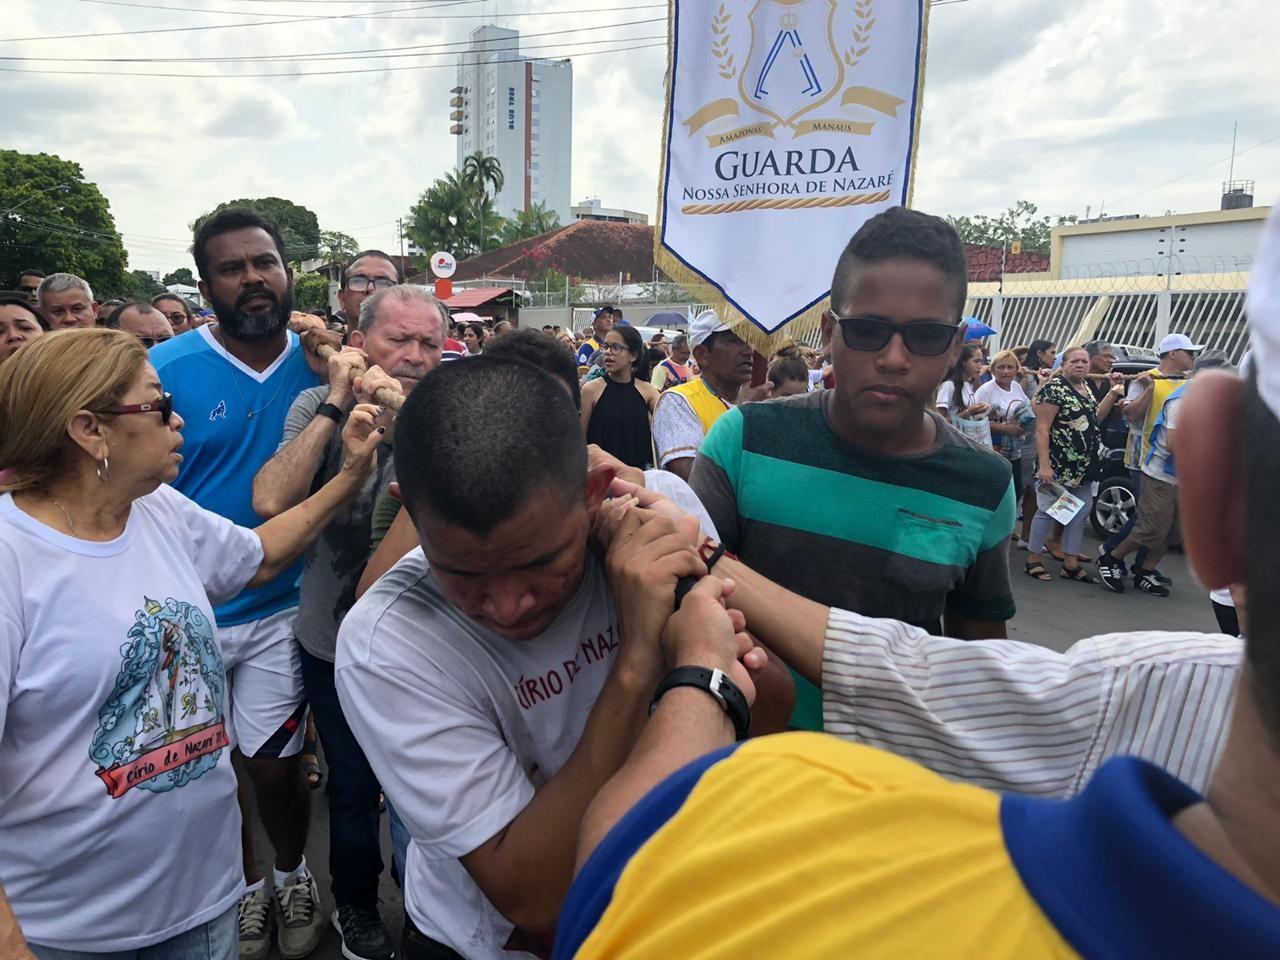 Procissão do Círio de Nazaré reúne fiéis em Manaus - Notícias - Plantão Diário